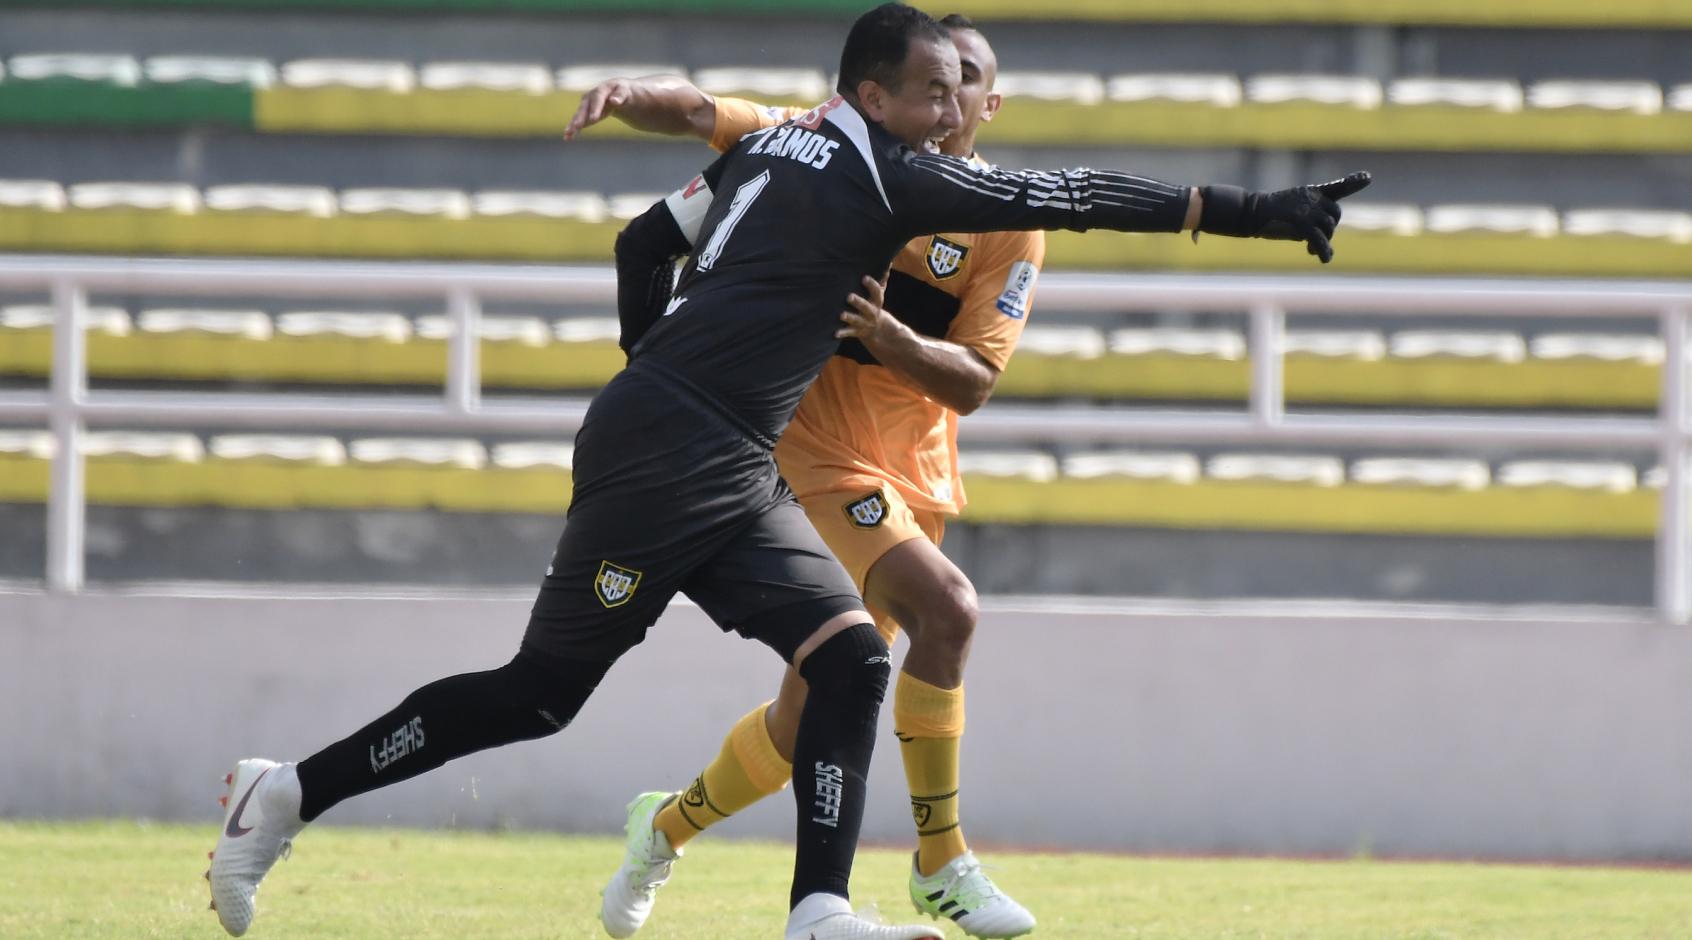 Вратарь-бомбардир из Колумбии забивает в каждом туре, и даже с центра поля (Видео)